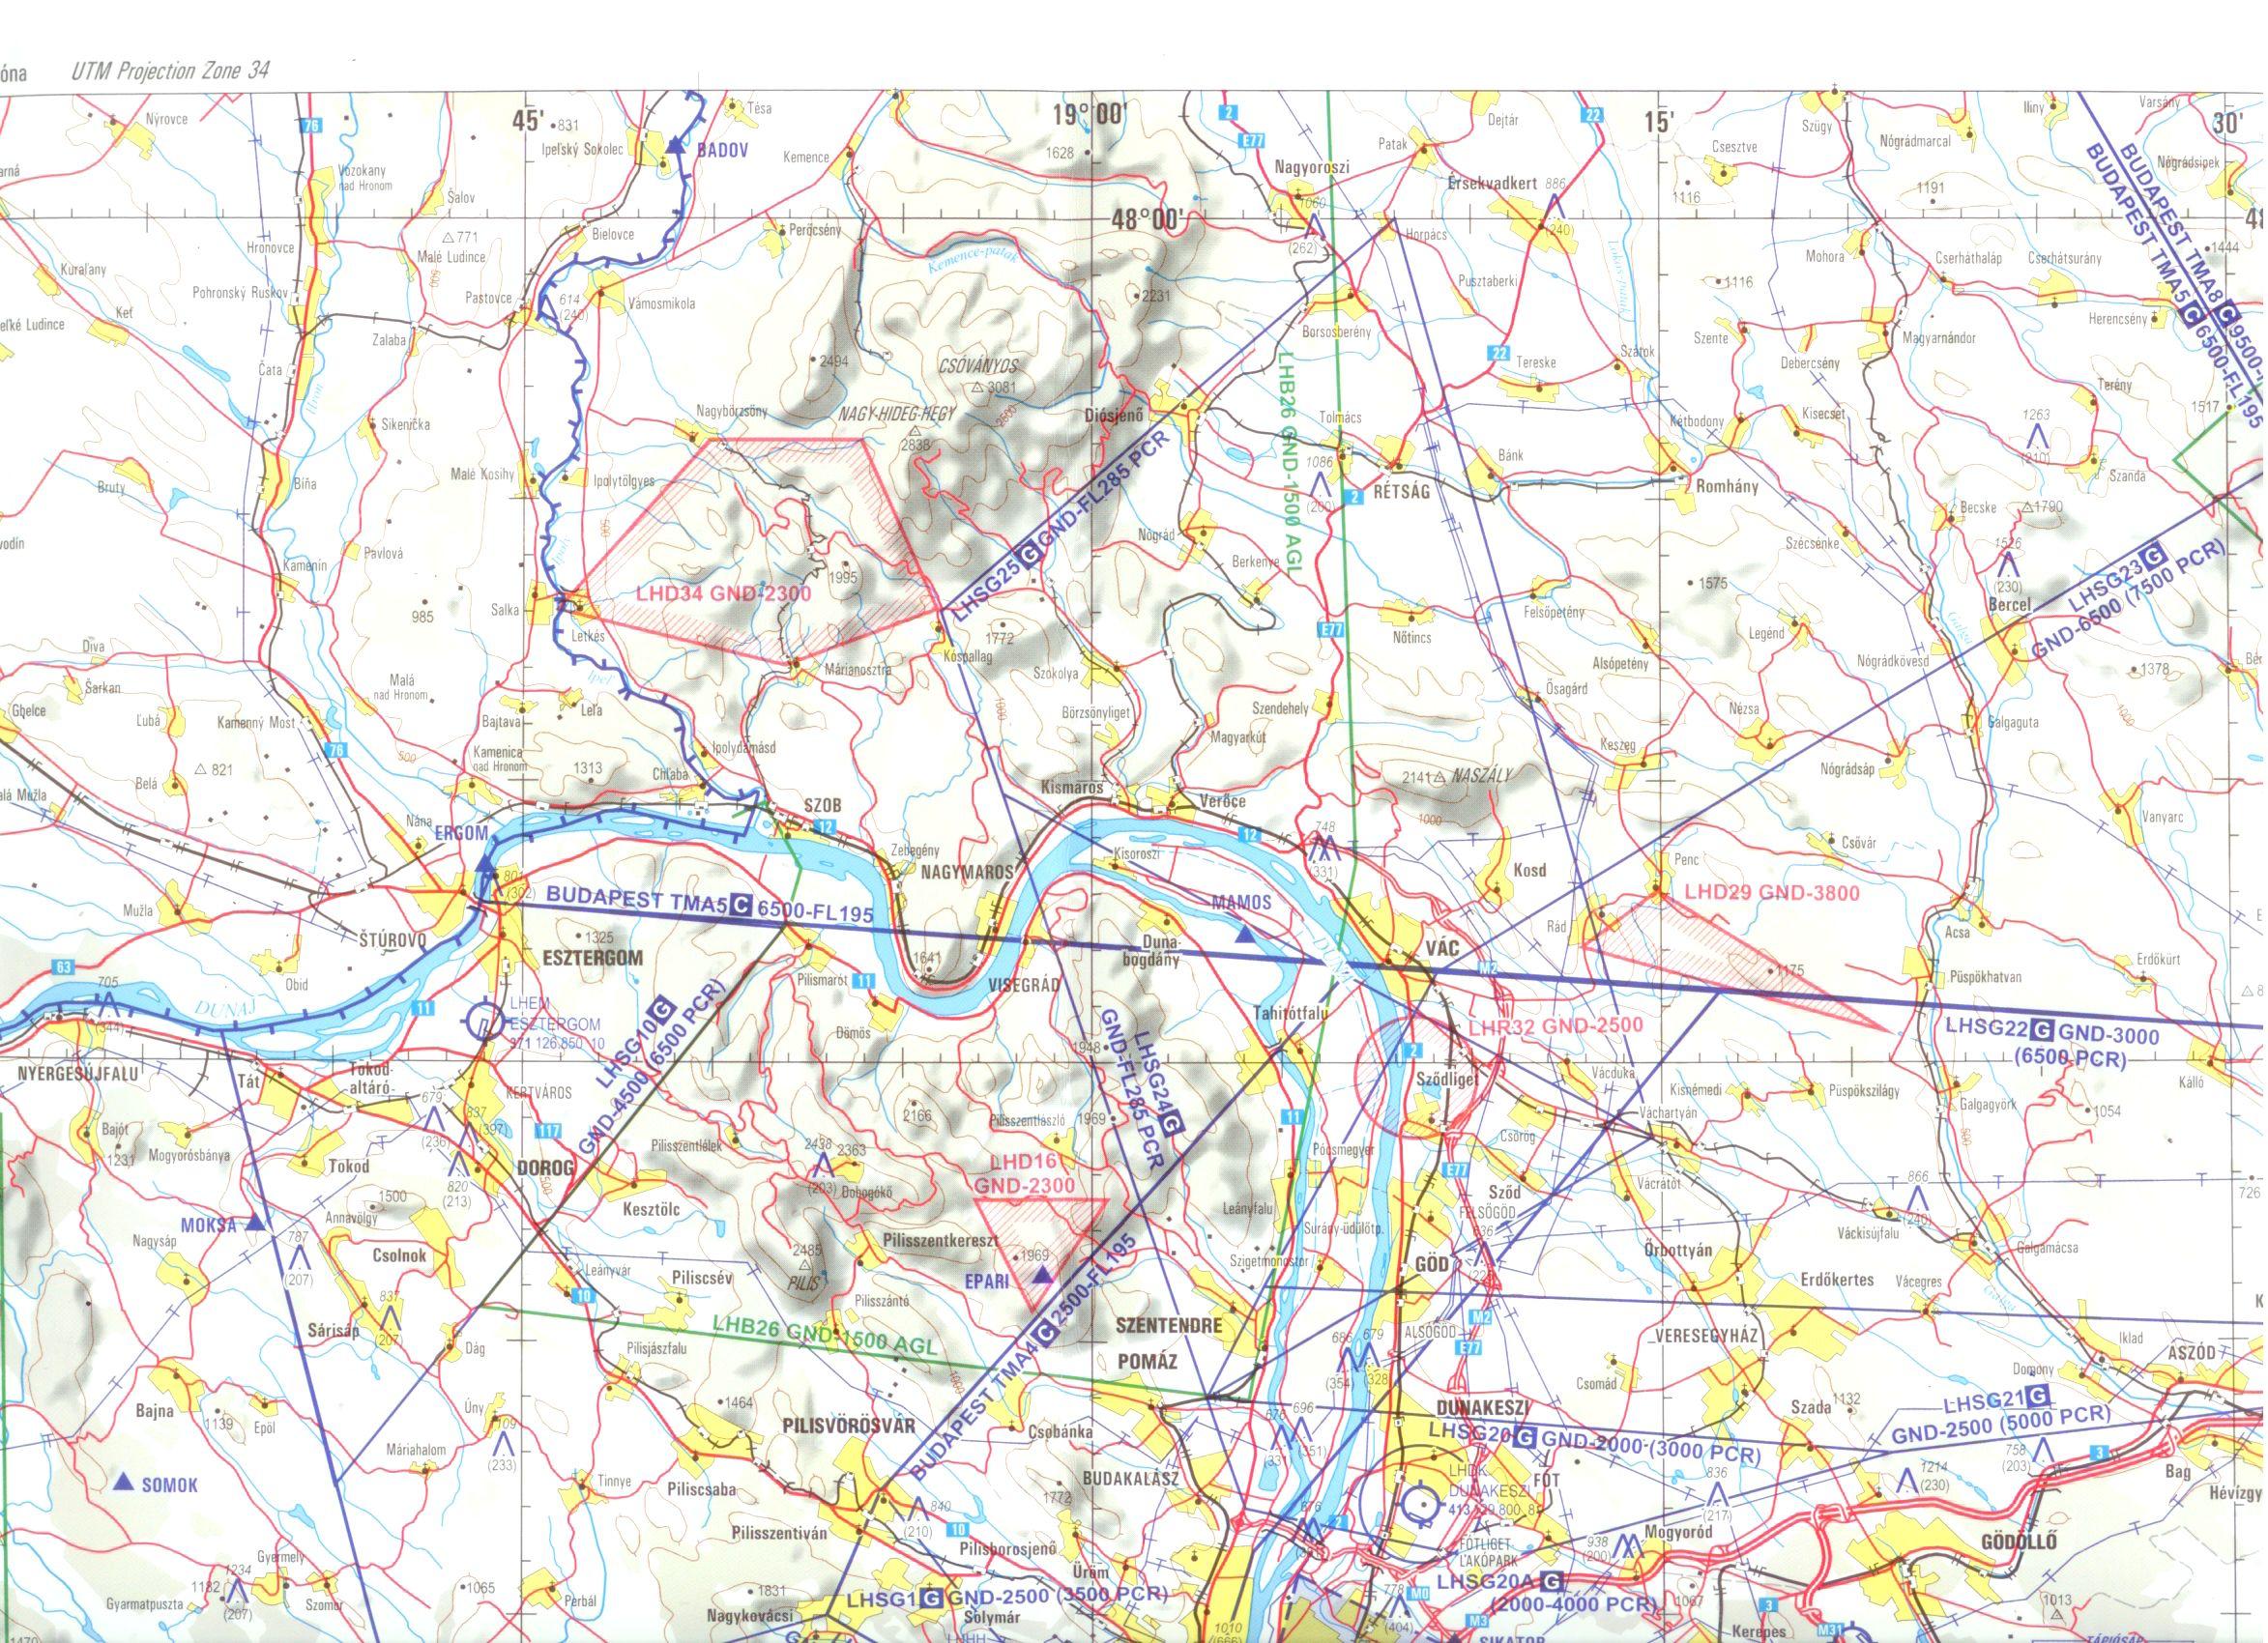 Magyarország léginavigációs térkép (minta 1:250.000)